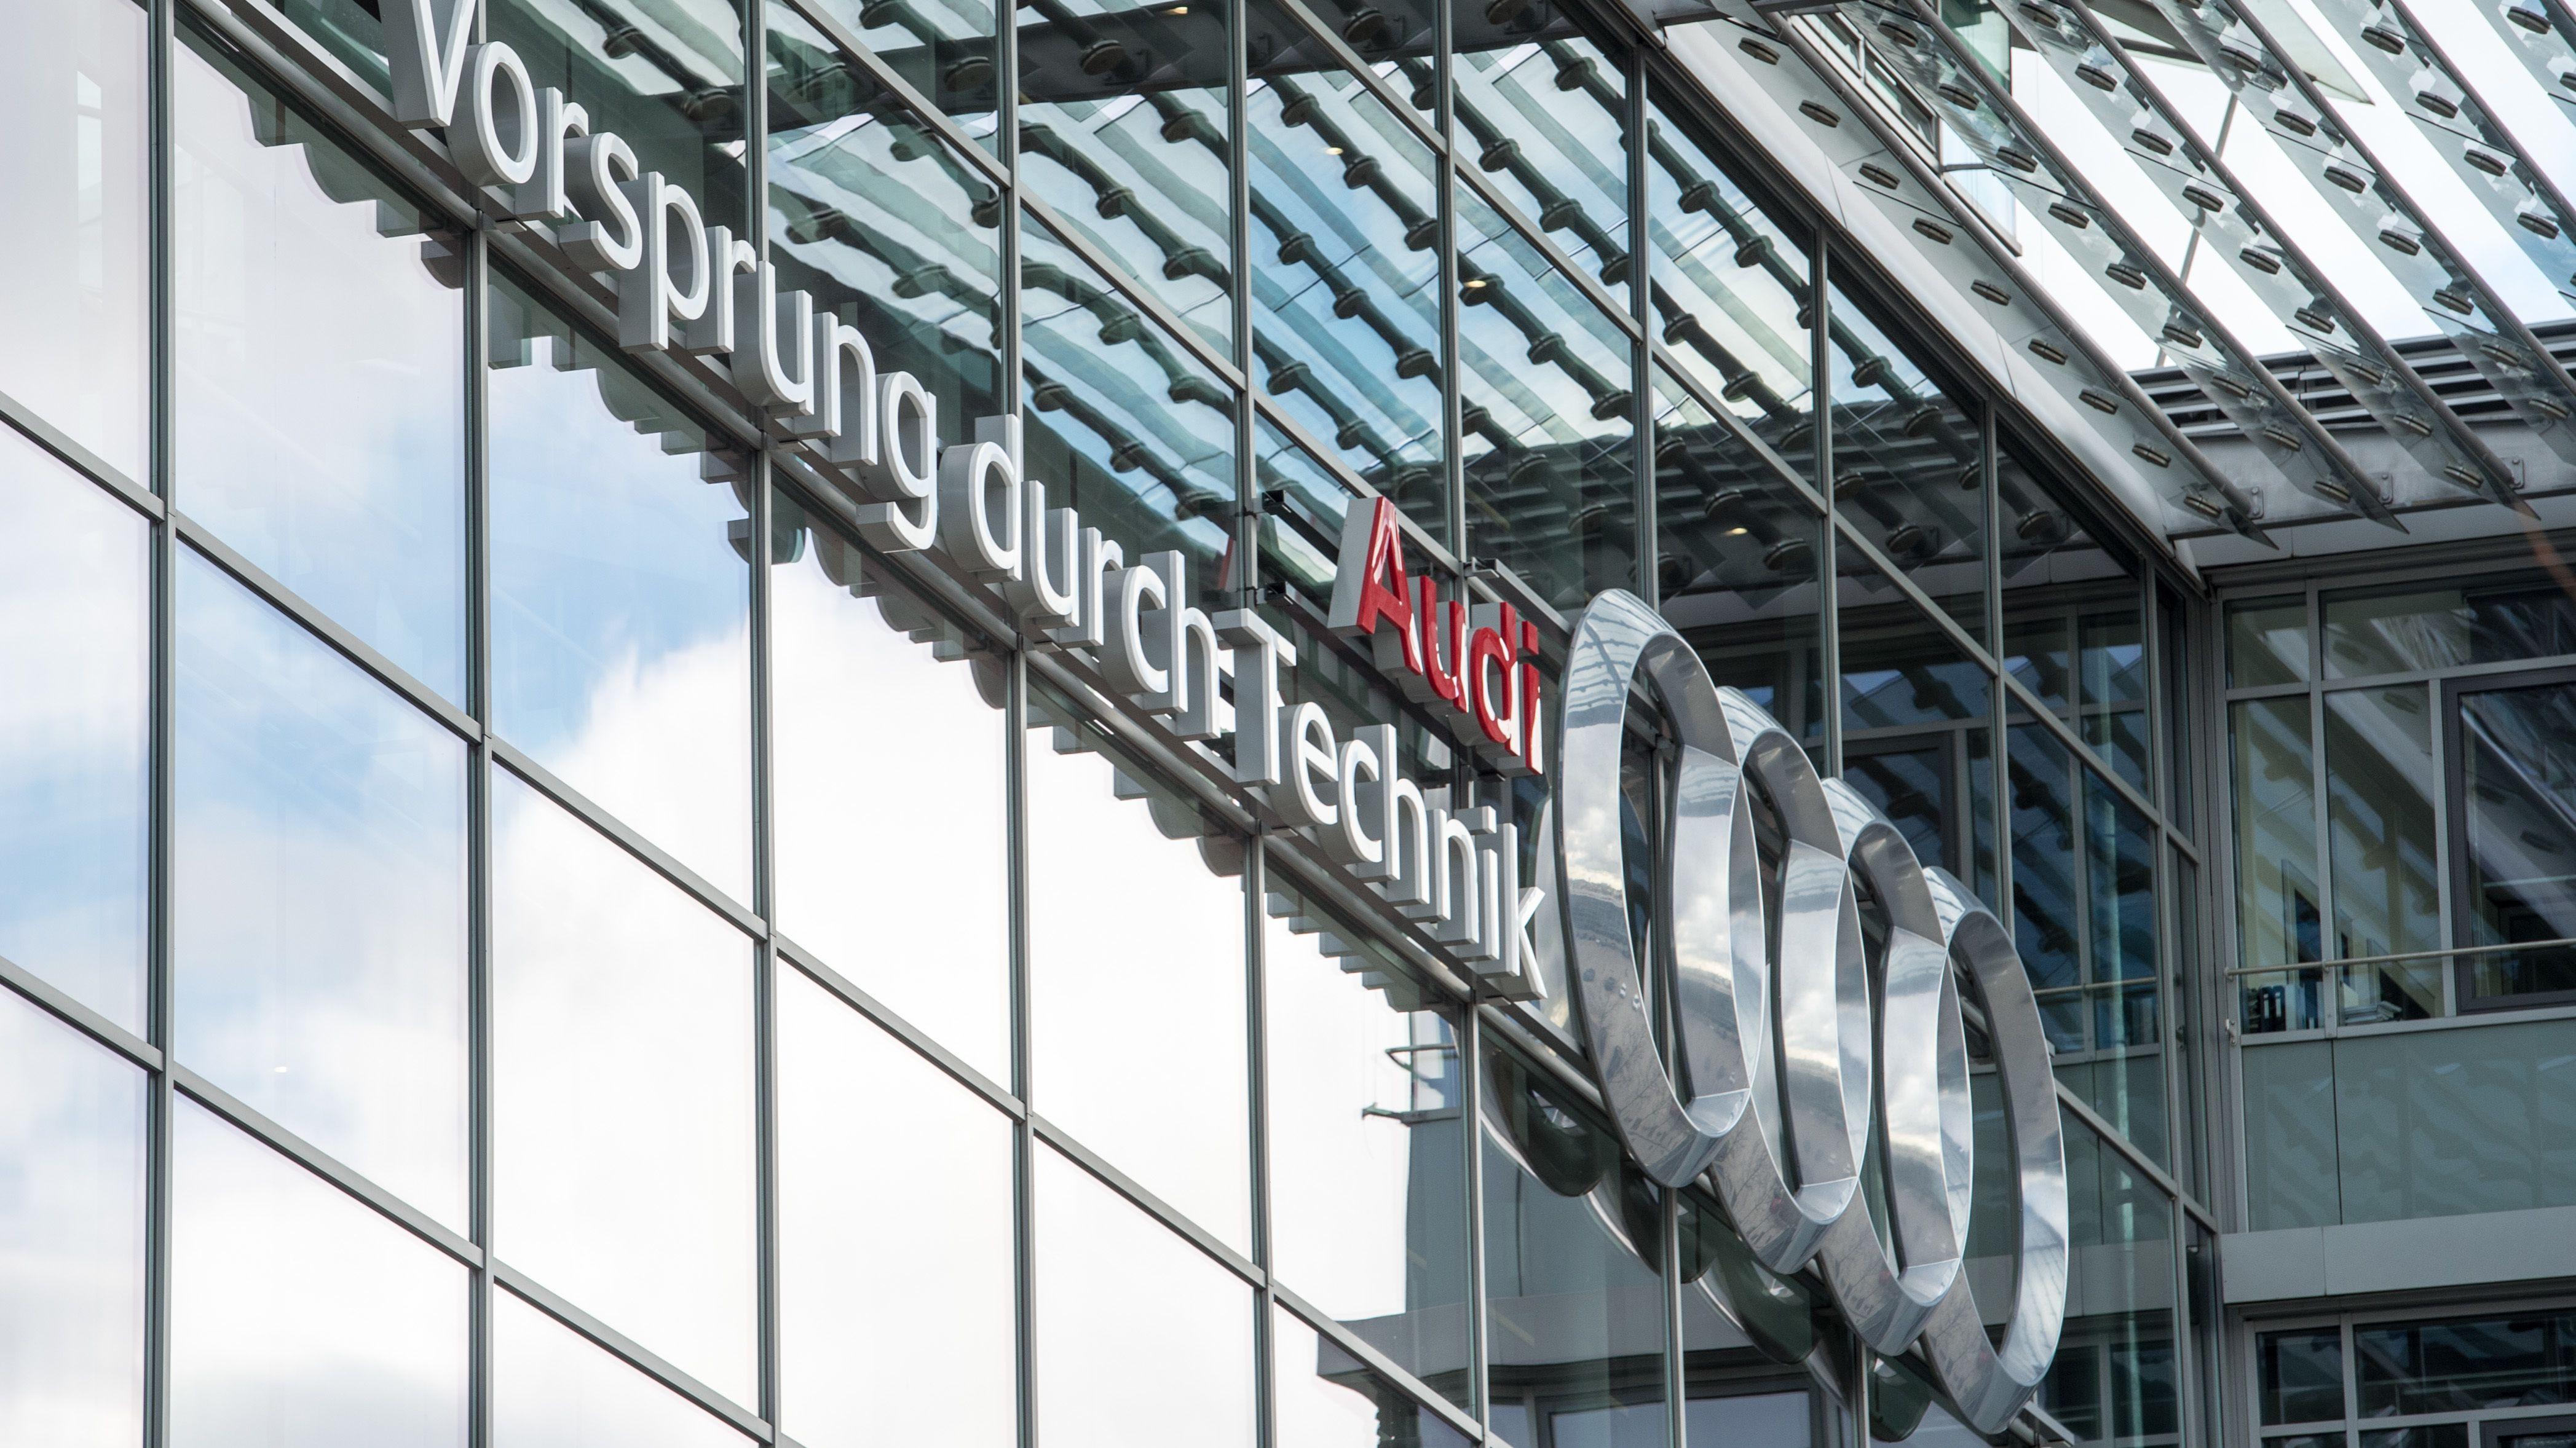 """""""Audi, Vorsprung durch Technik"""": 2014 zu sehen an einem Verwaltungsgebäude im Audi-Werk in Ingolstadt."""